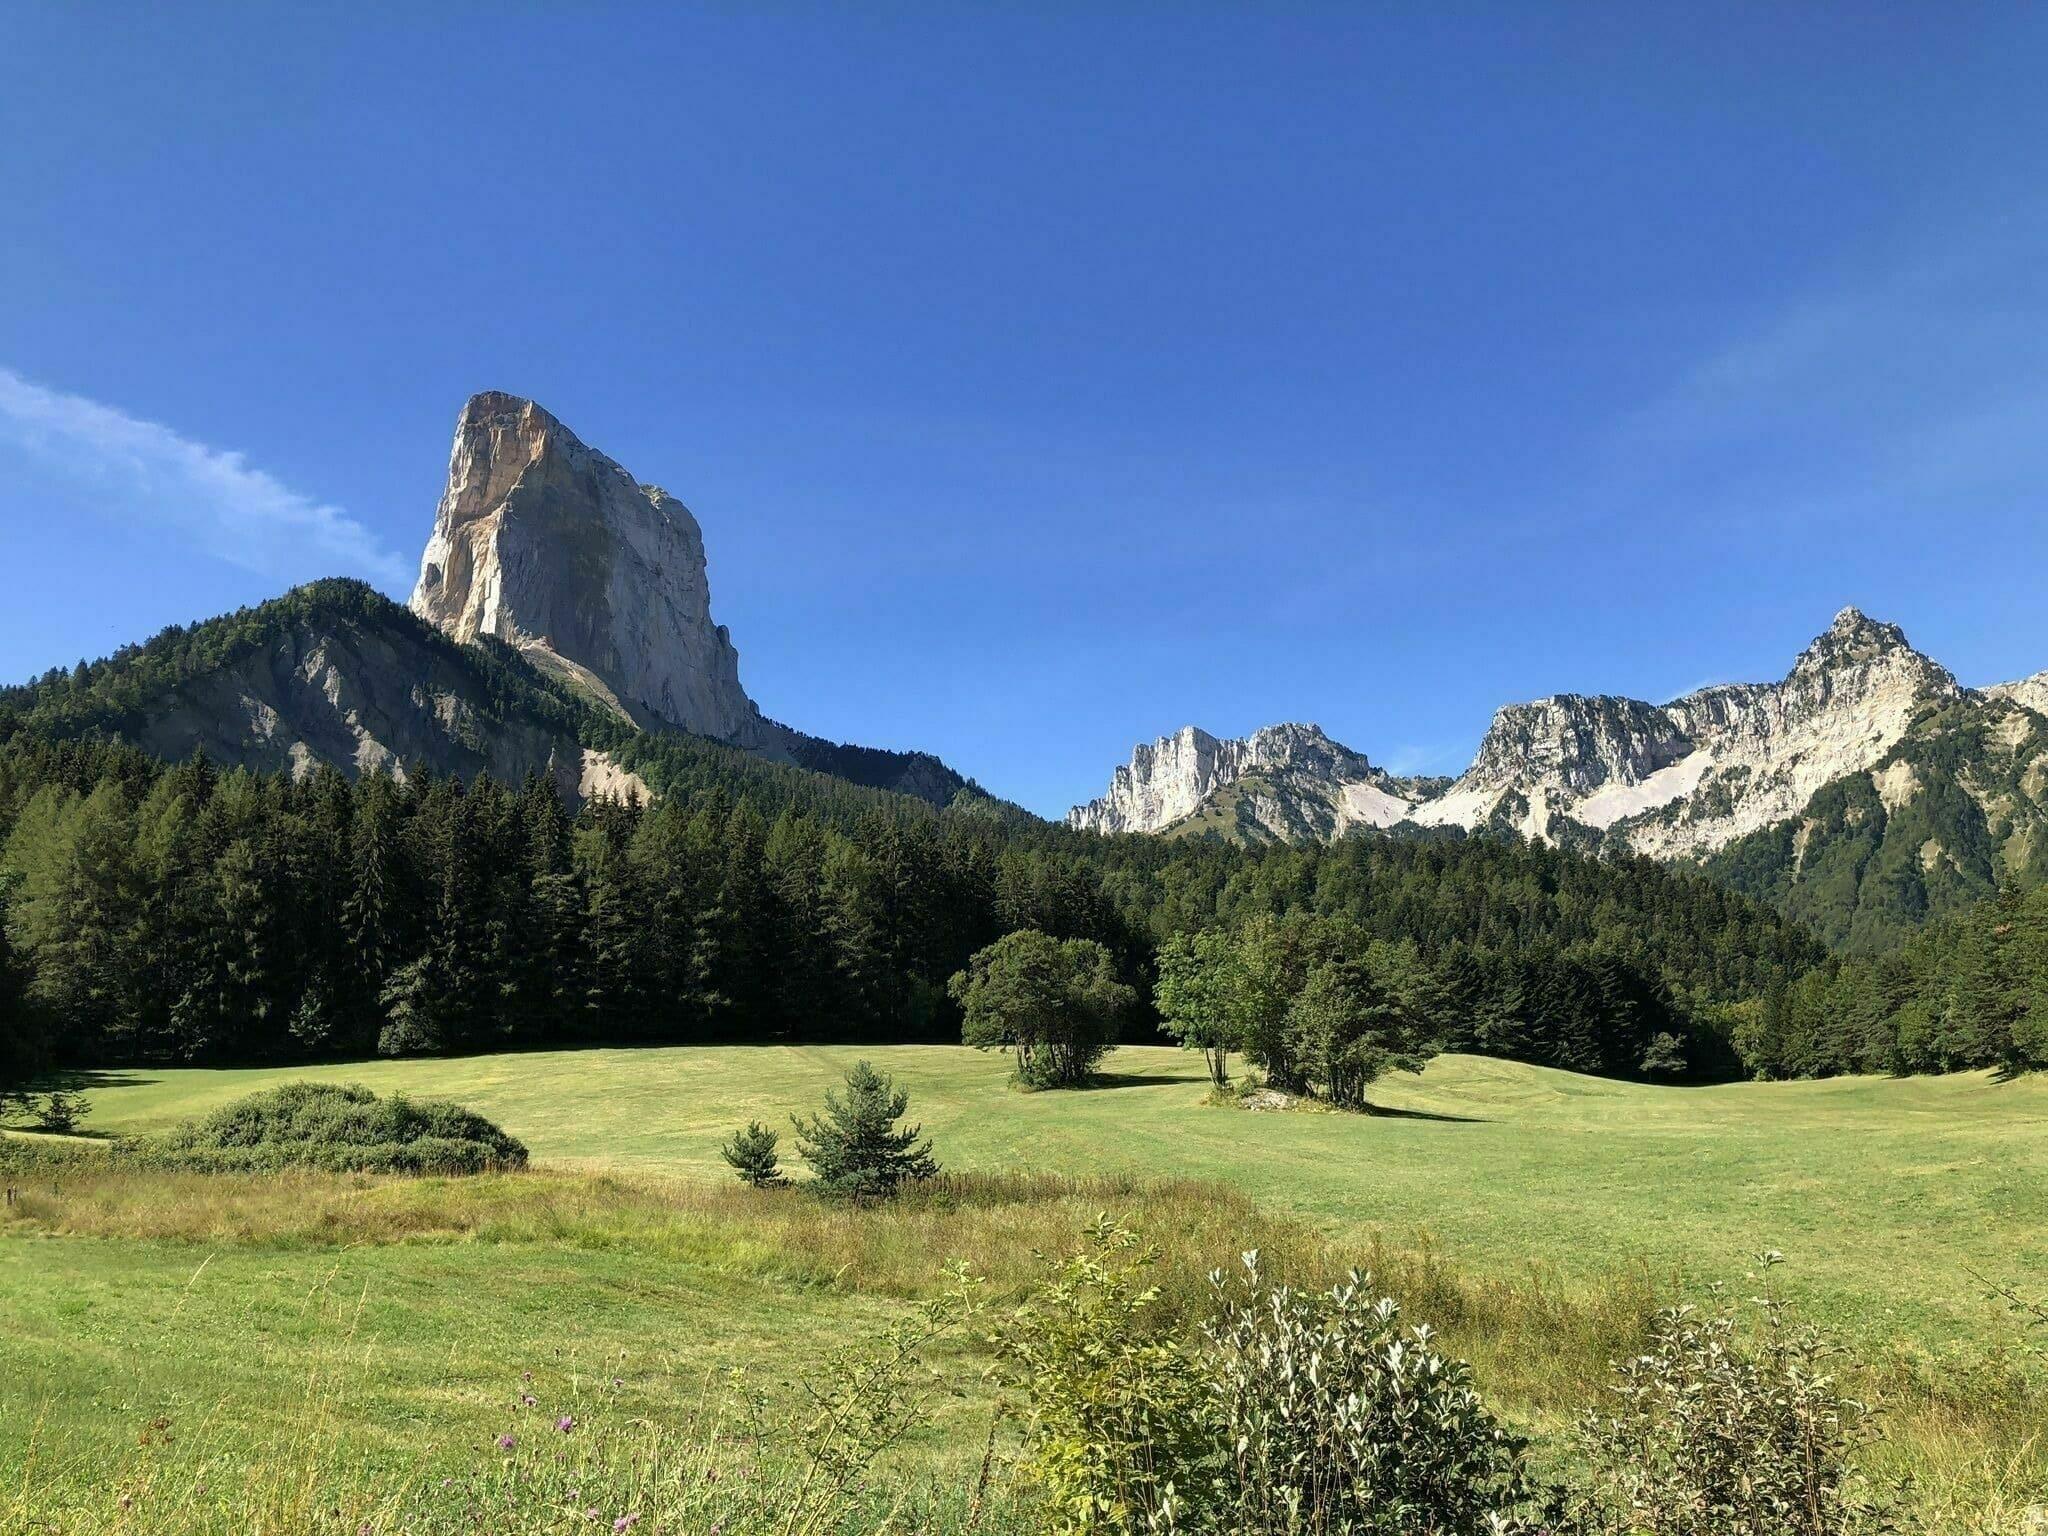 Randonnée Vercors : Le tour du Mont Aiguille